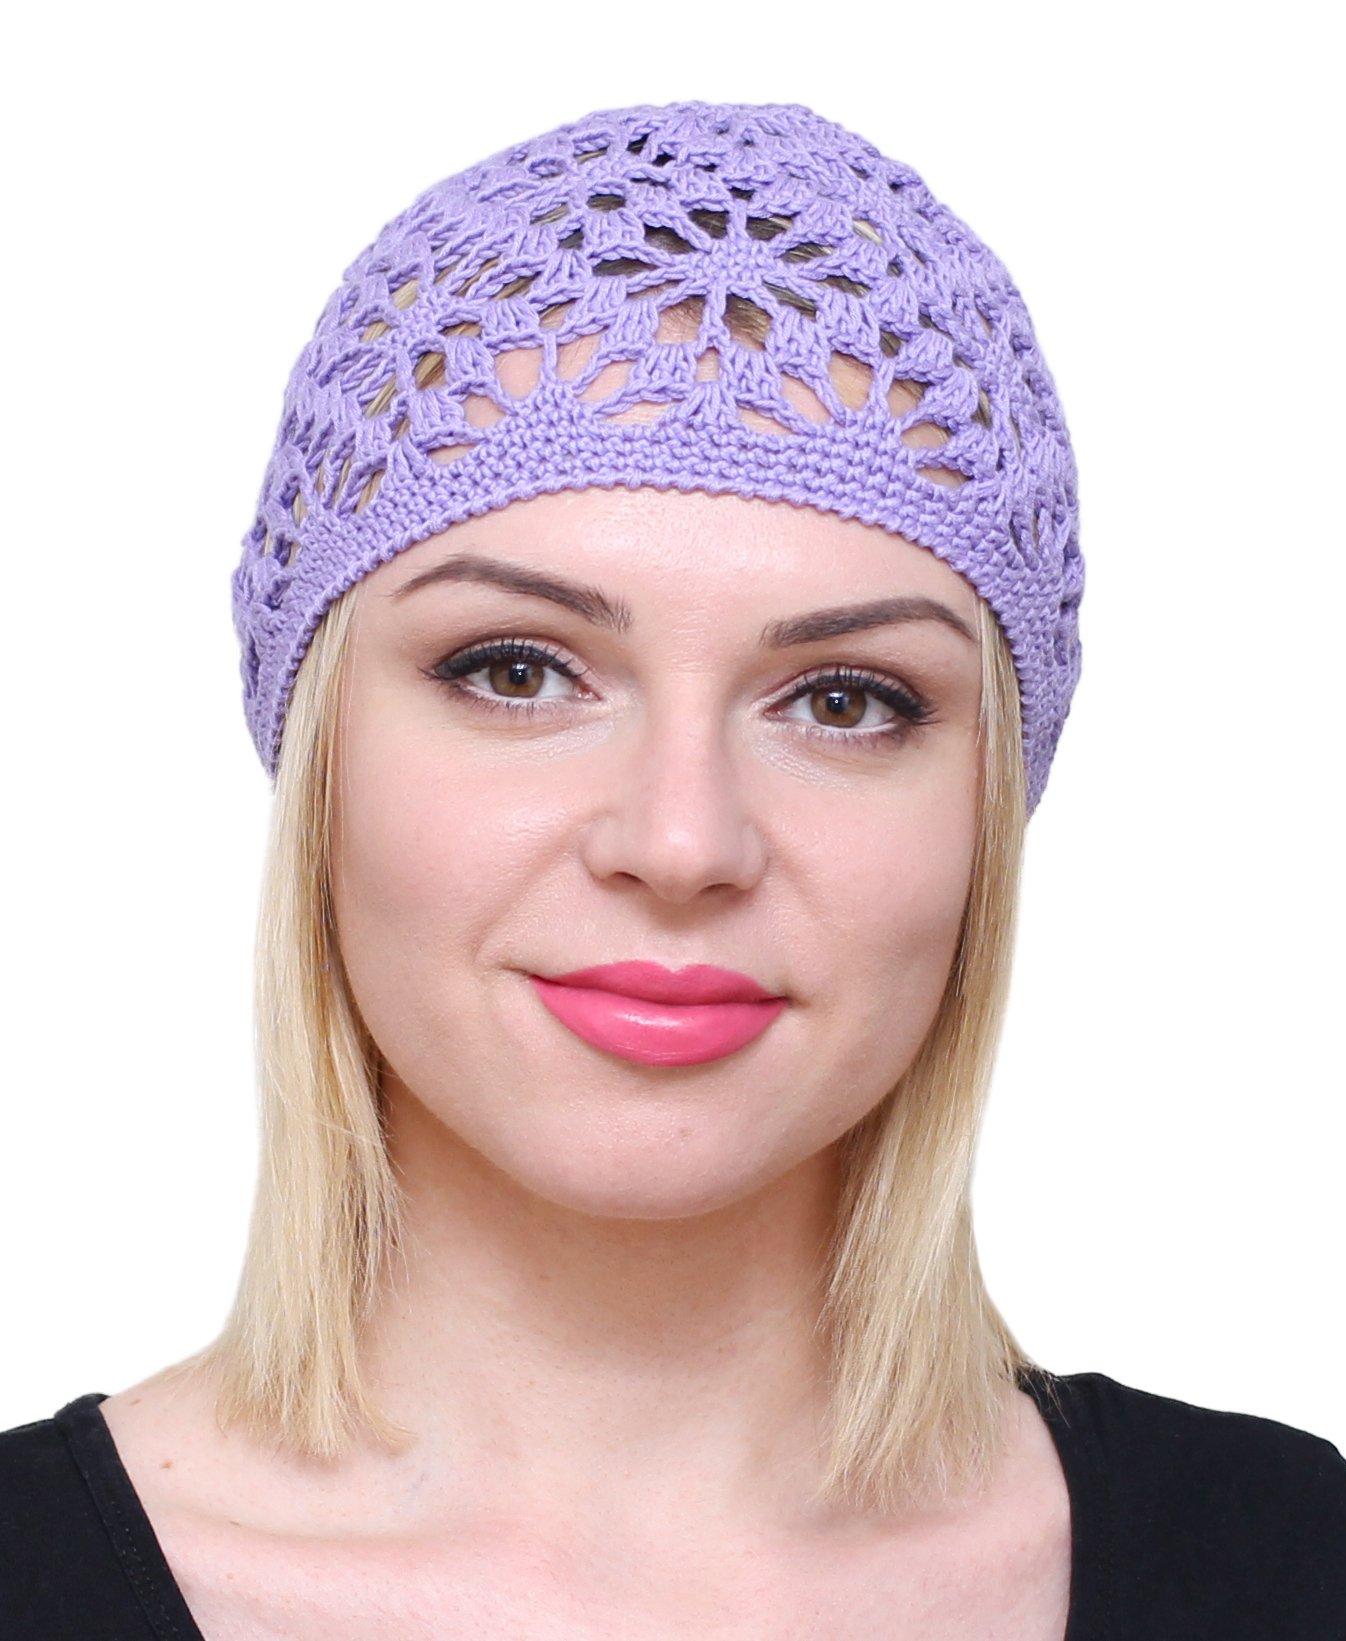 NFB Cotton Hats for Women Ladies Summer Beanie Lace Cloche Hair Accessories Cap (Violet)